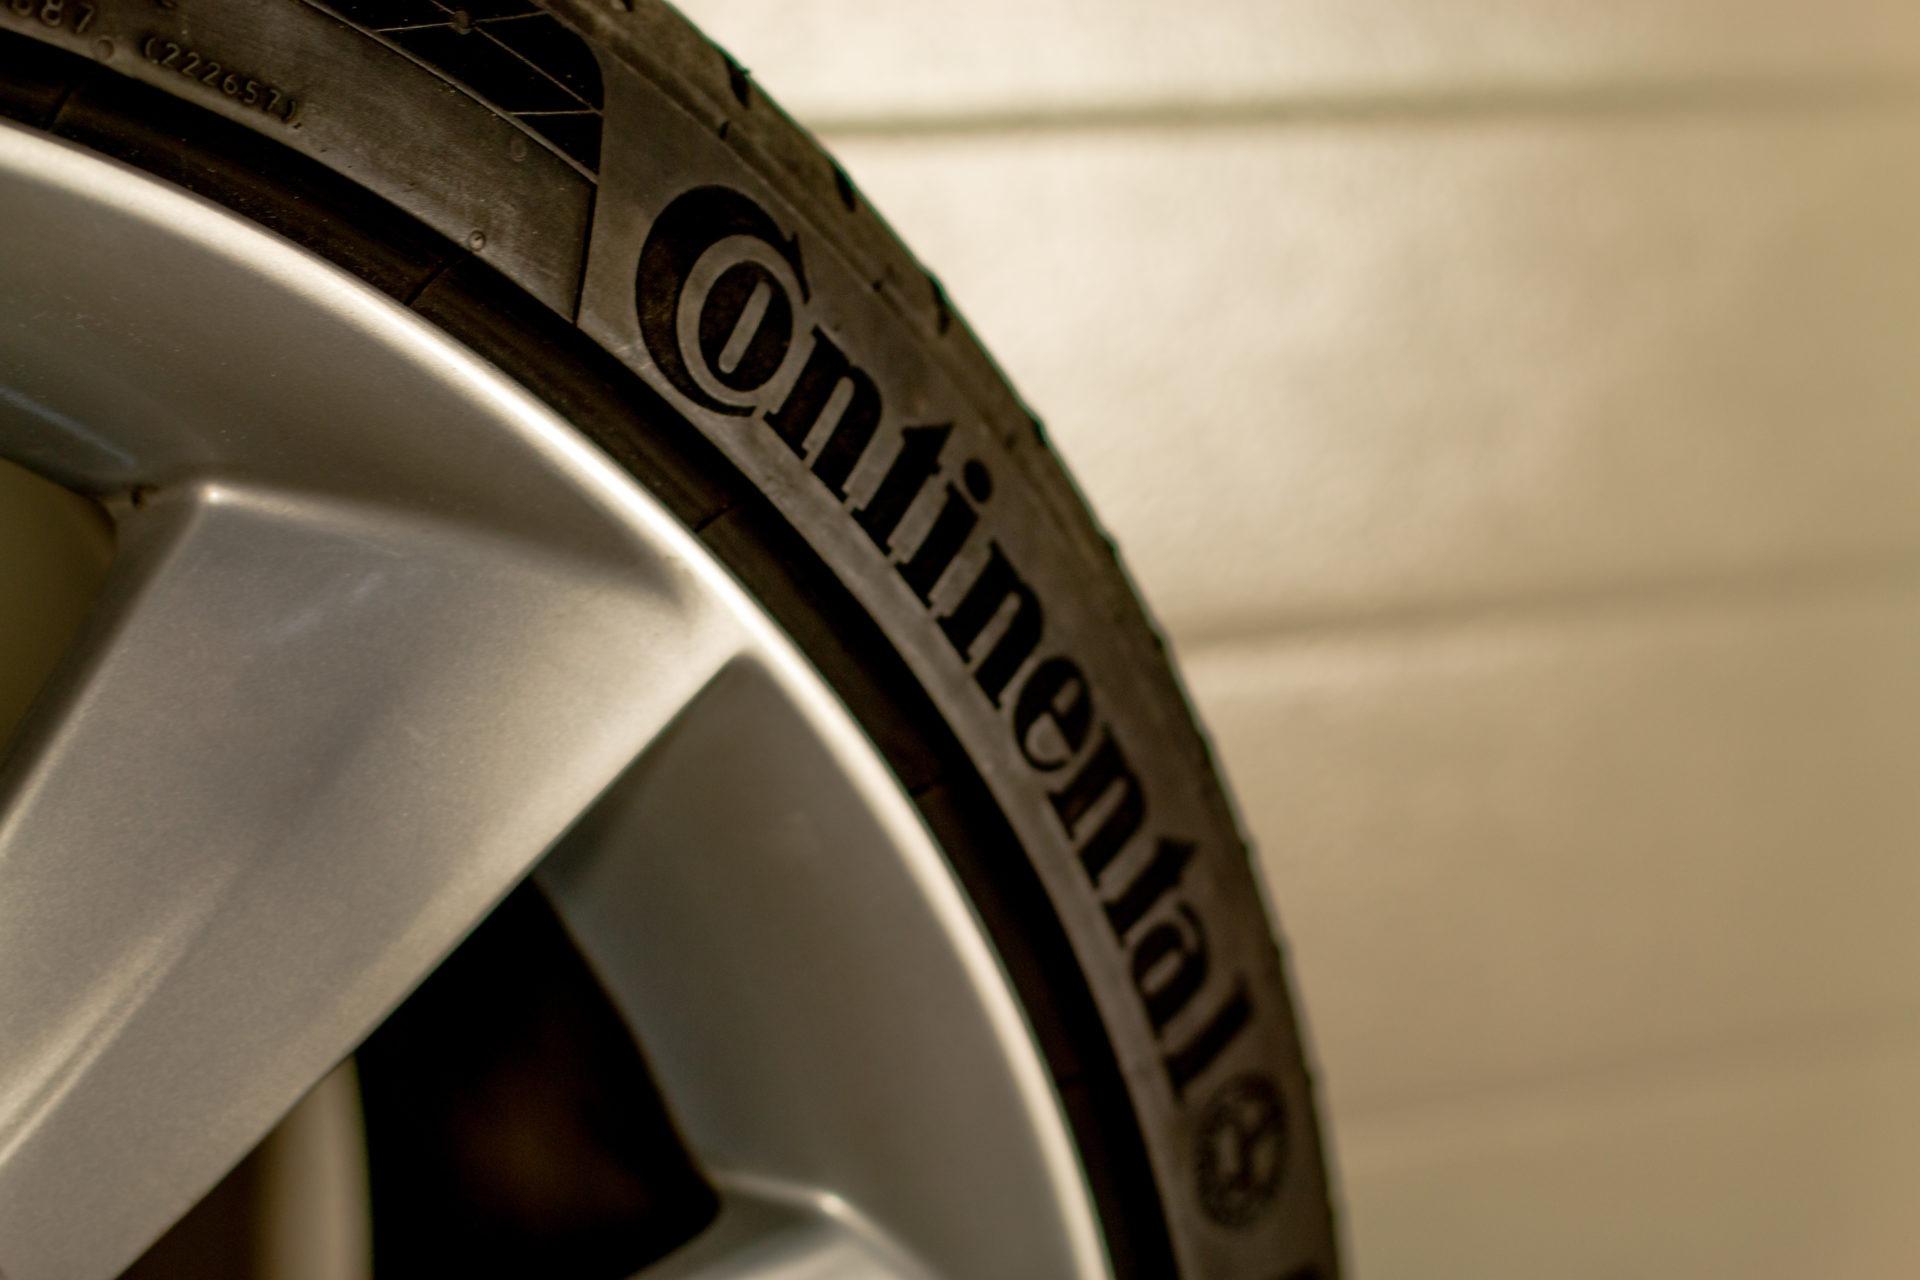 Original 21 Zoll Felgen Turbine silber Reifen Continental Sommerreifen Felge Rad Räder Felgensatz Radsatz gebraucht RDKS